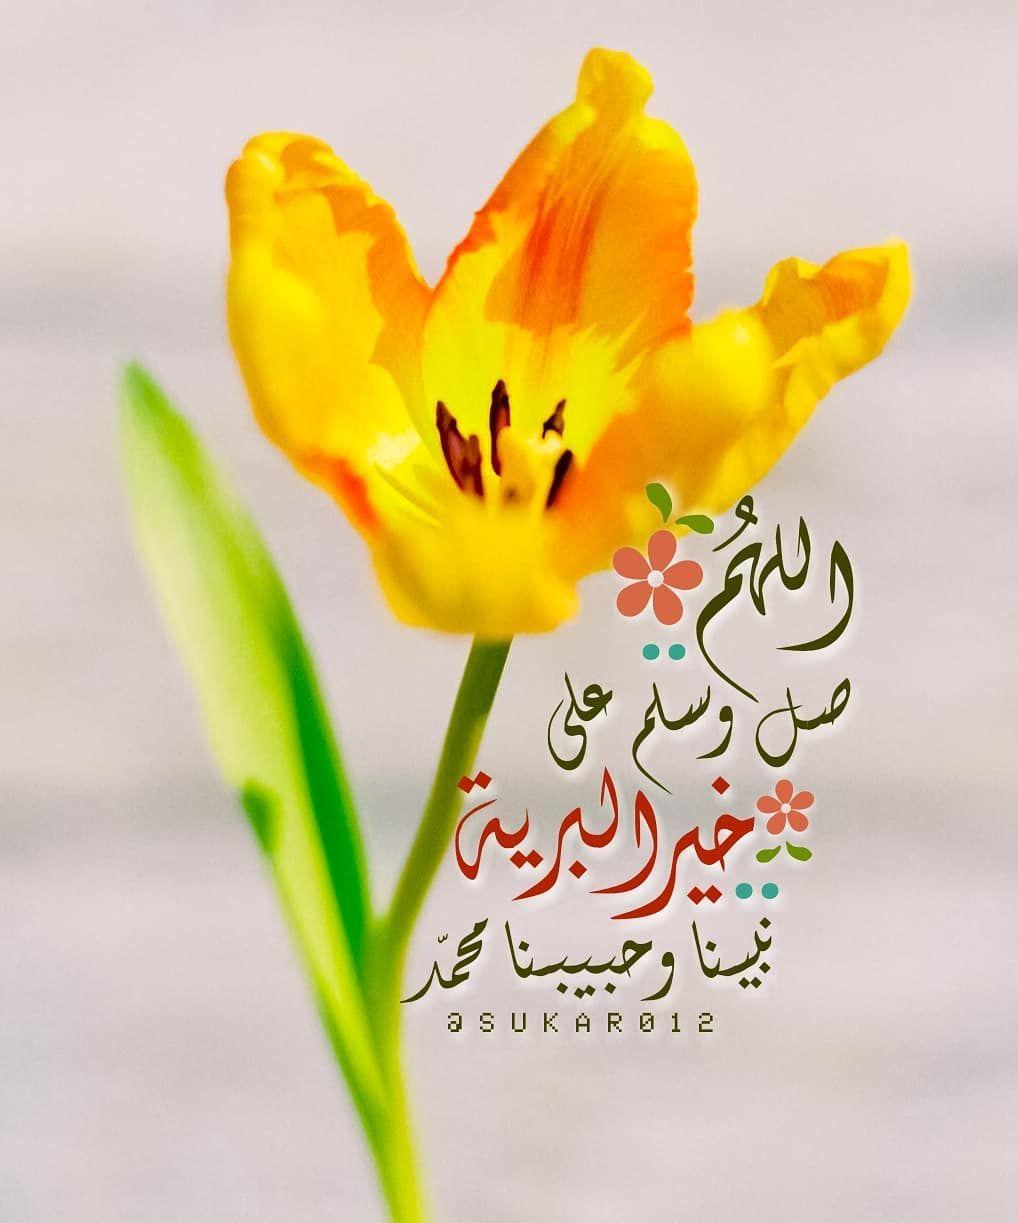 أحاديث نبوية عن شهر رمضان المبارك Posts Facebook